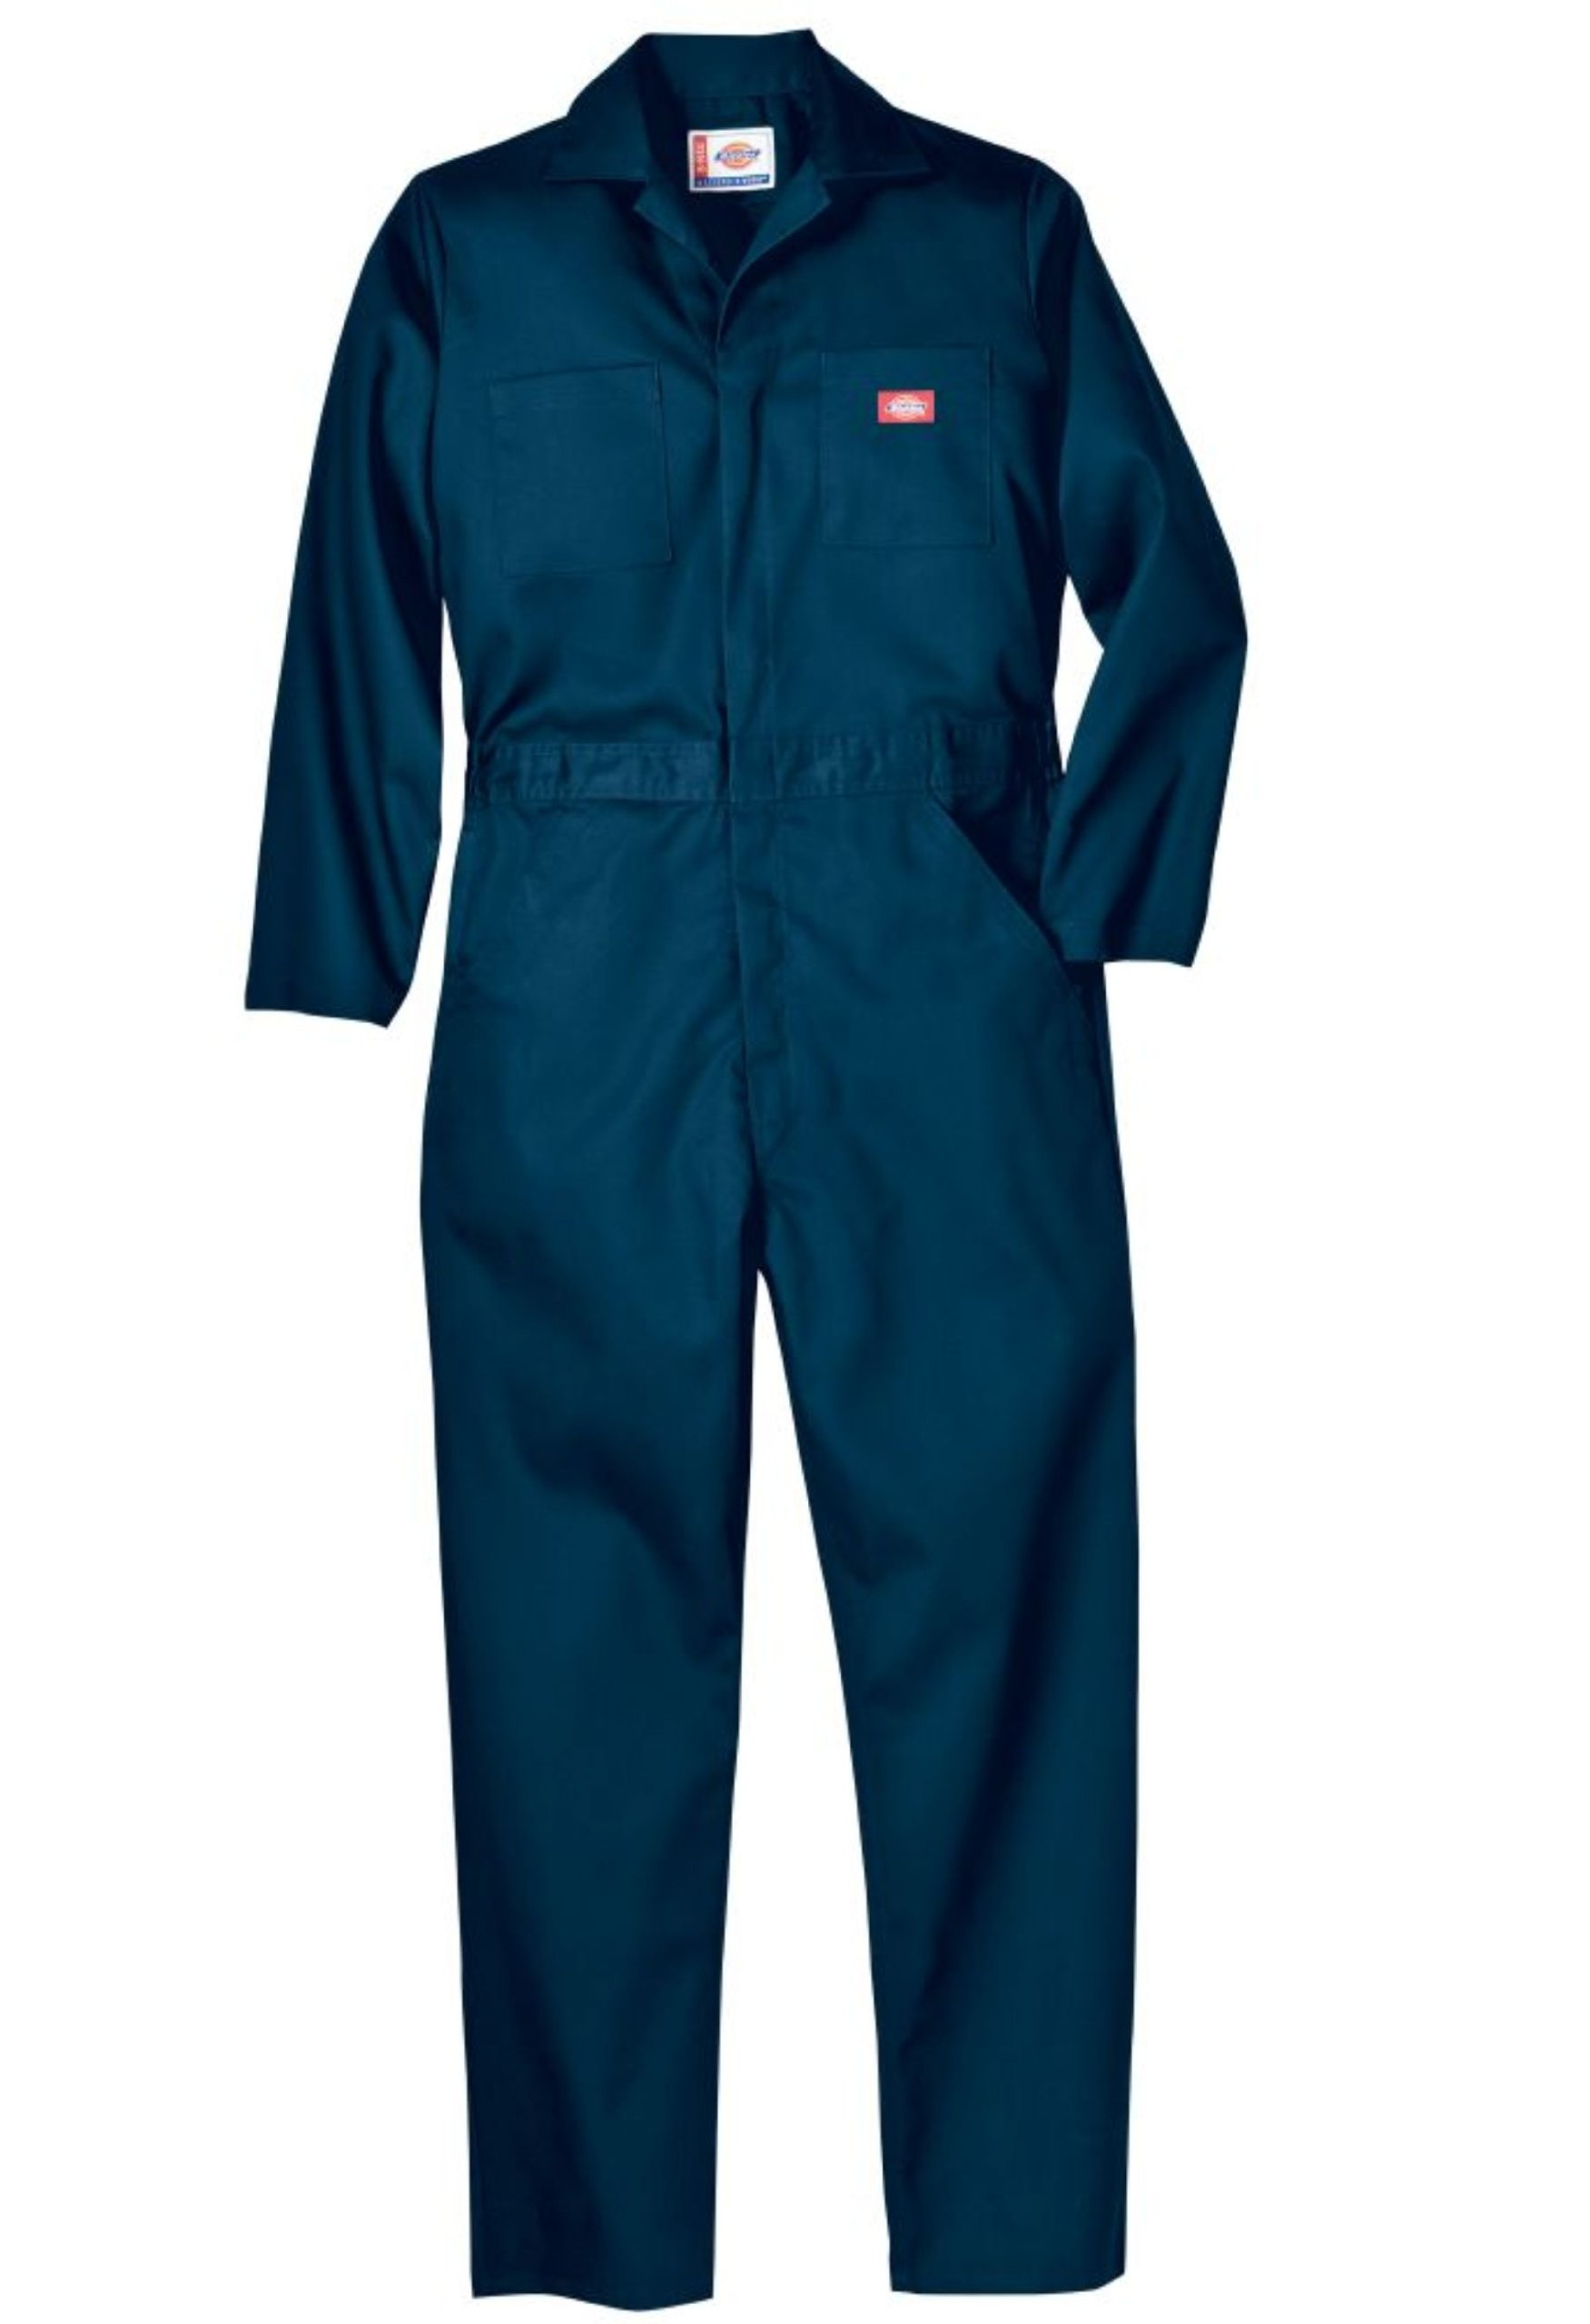 Dickies Men's Basic Blended Coverall, Dark Navy, L Regular